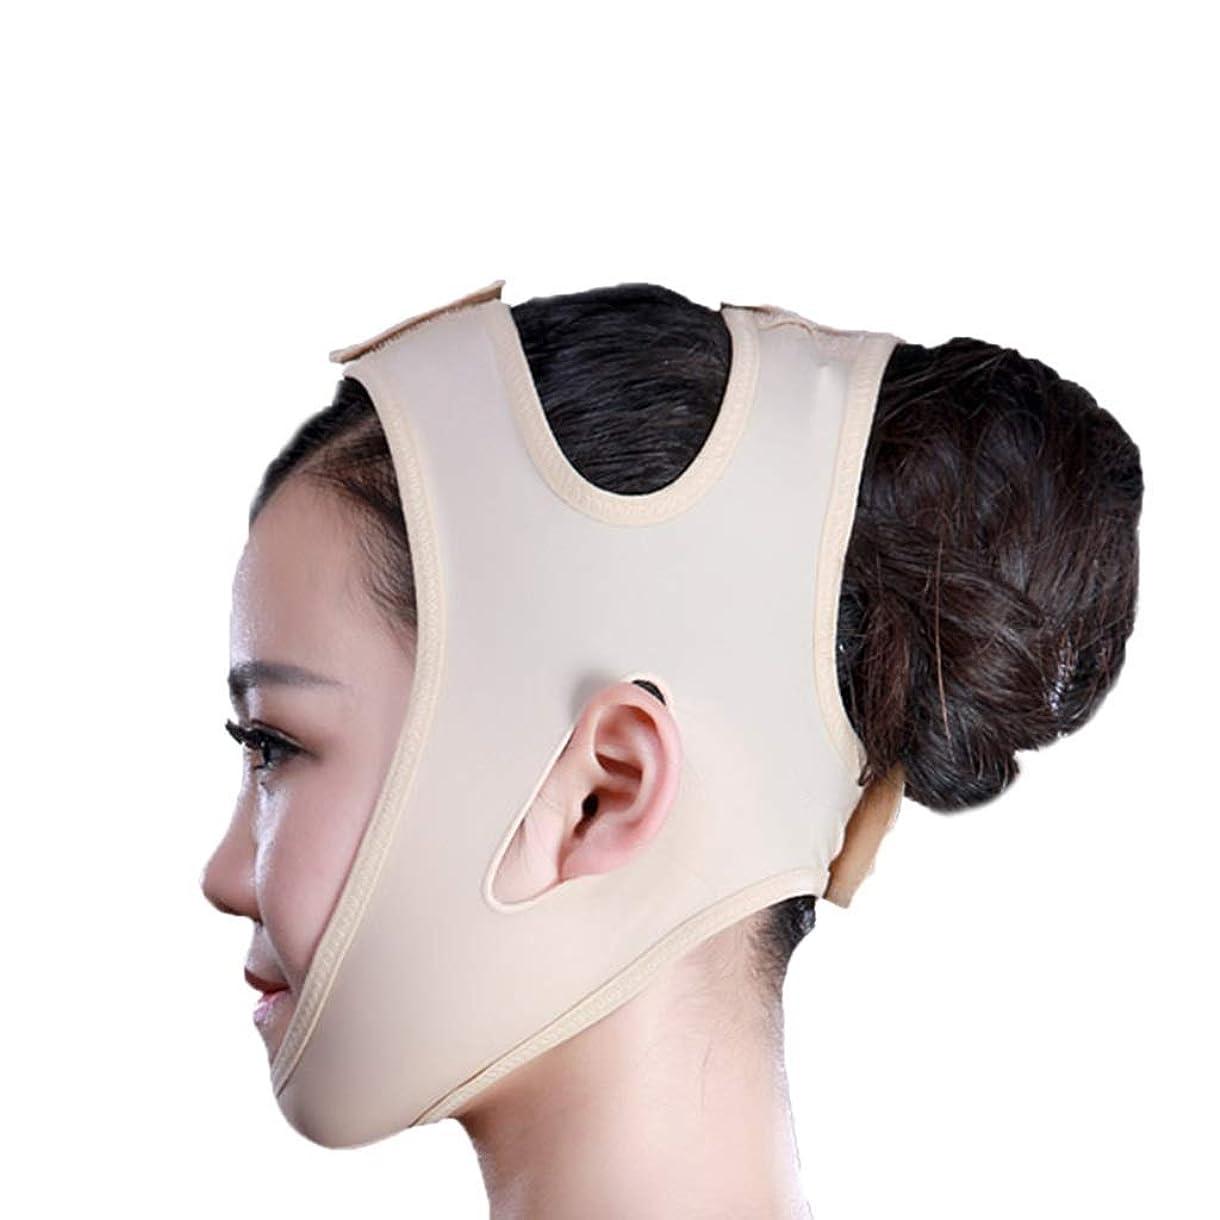 キャンベラ寄付するクライアントフェイススリミングマスク、快適さと通気性、フェイシャルリフティング、輪郭の改善された硬さ、ファーミングとリフティングフェイス(カラー:ブラック、サイズ:XL),黄色がかったピンク、XXL